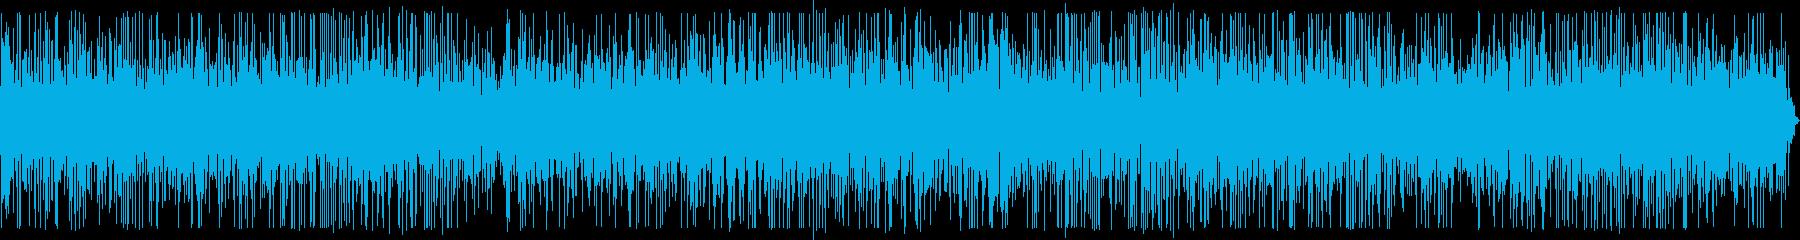 小さな川 (チョロチョロ)の再生済みの波形